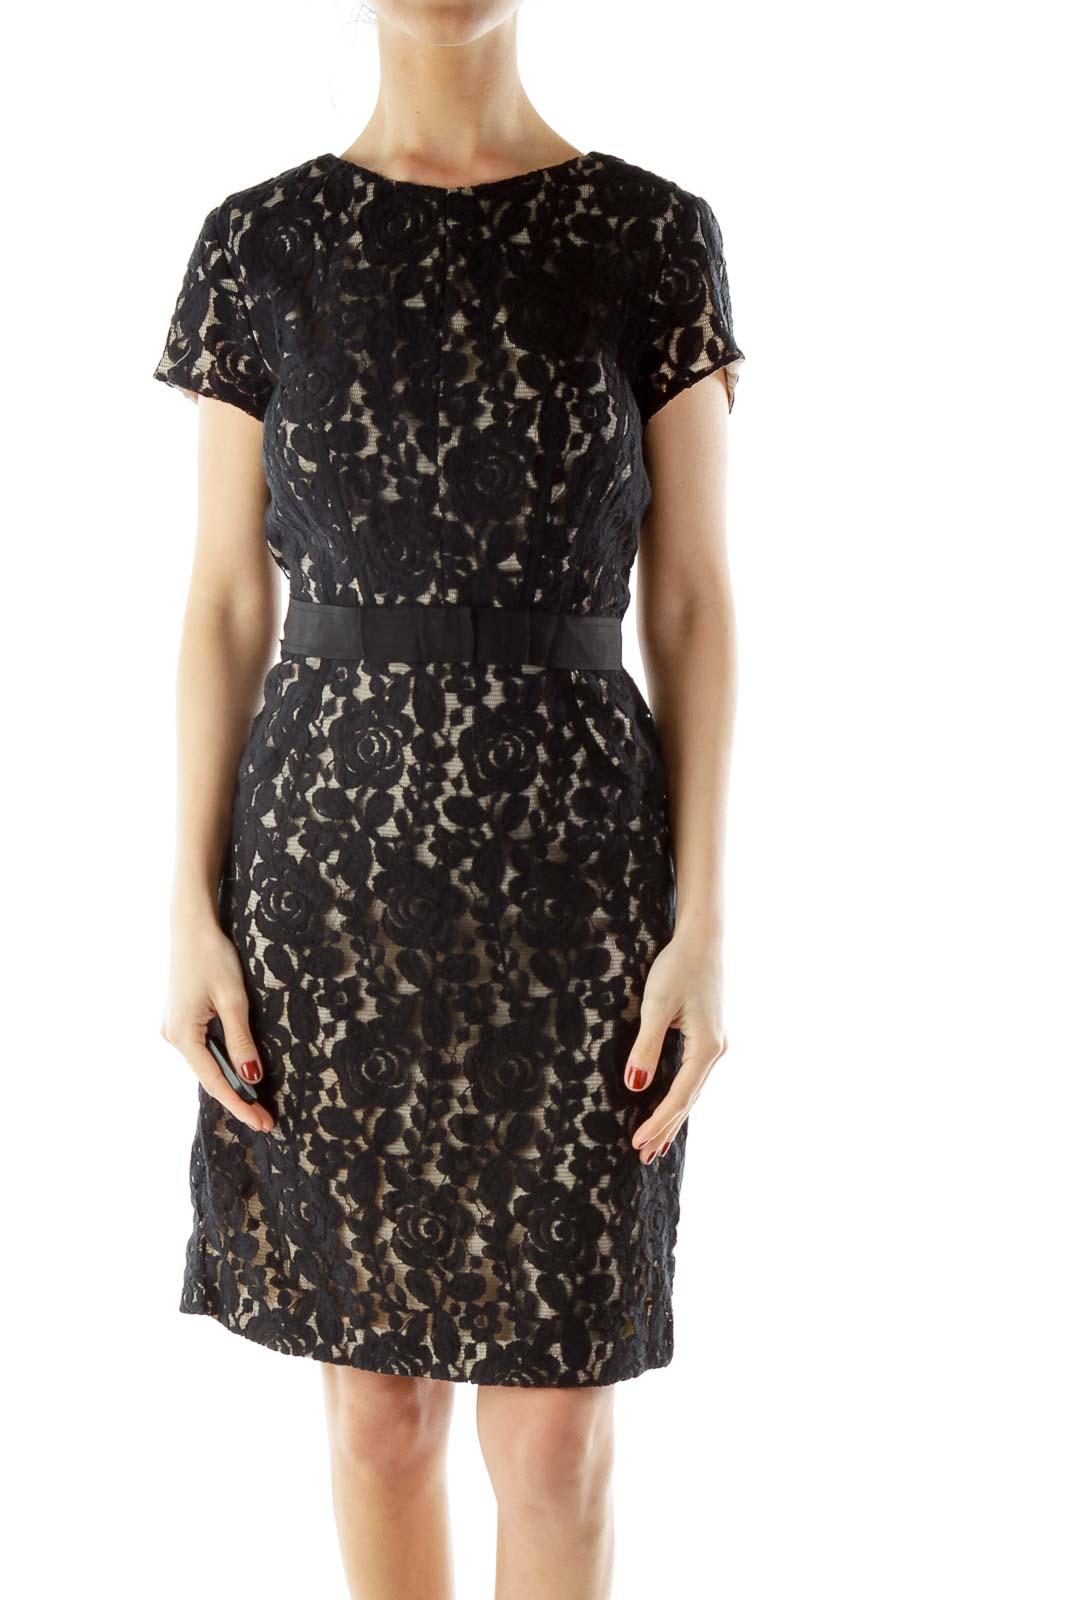 Black Beige Cocktail Dress Front